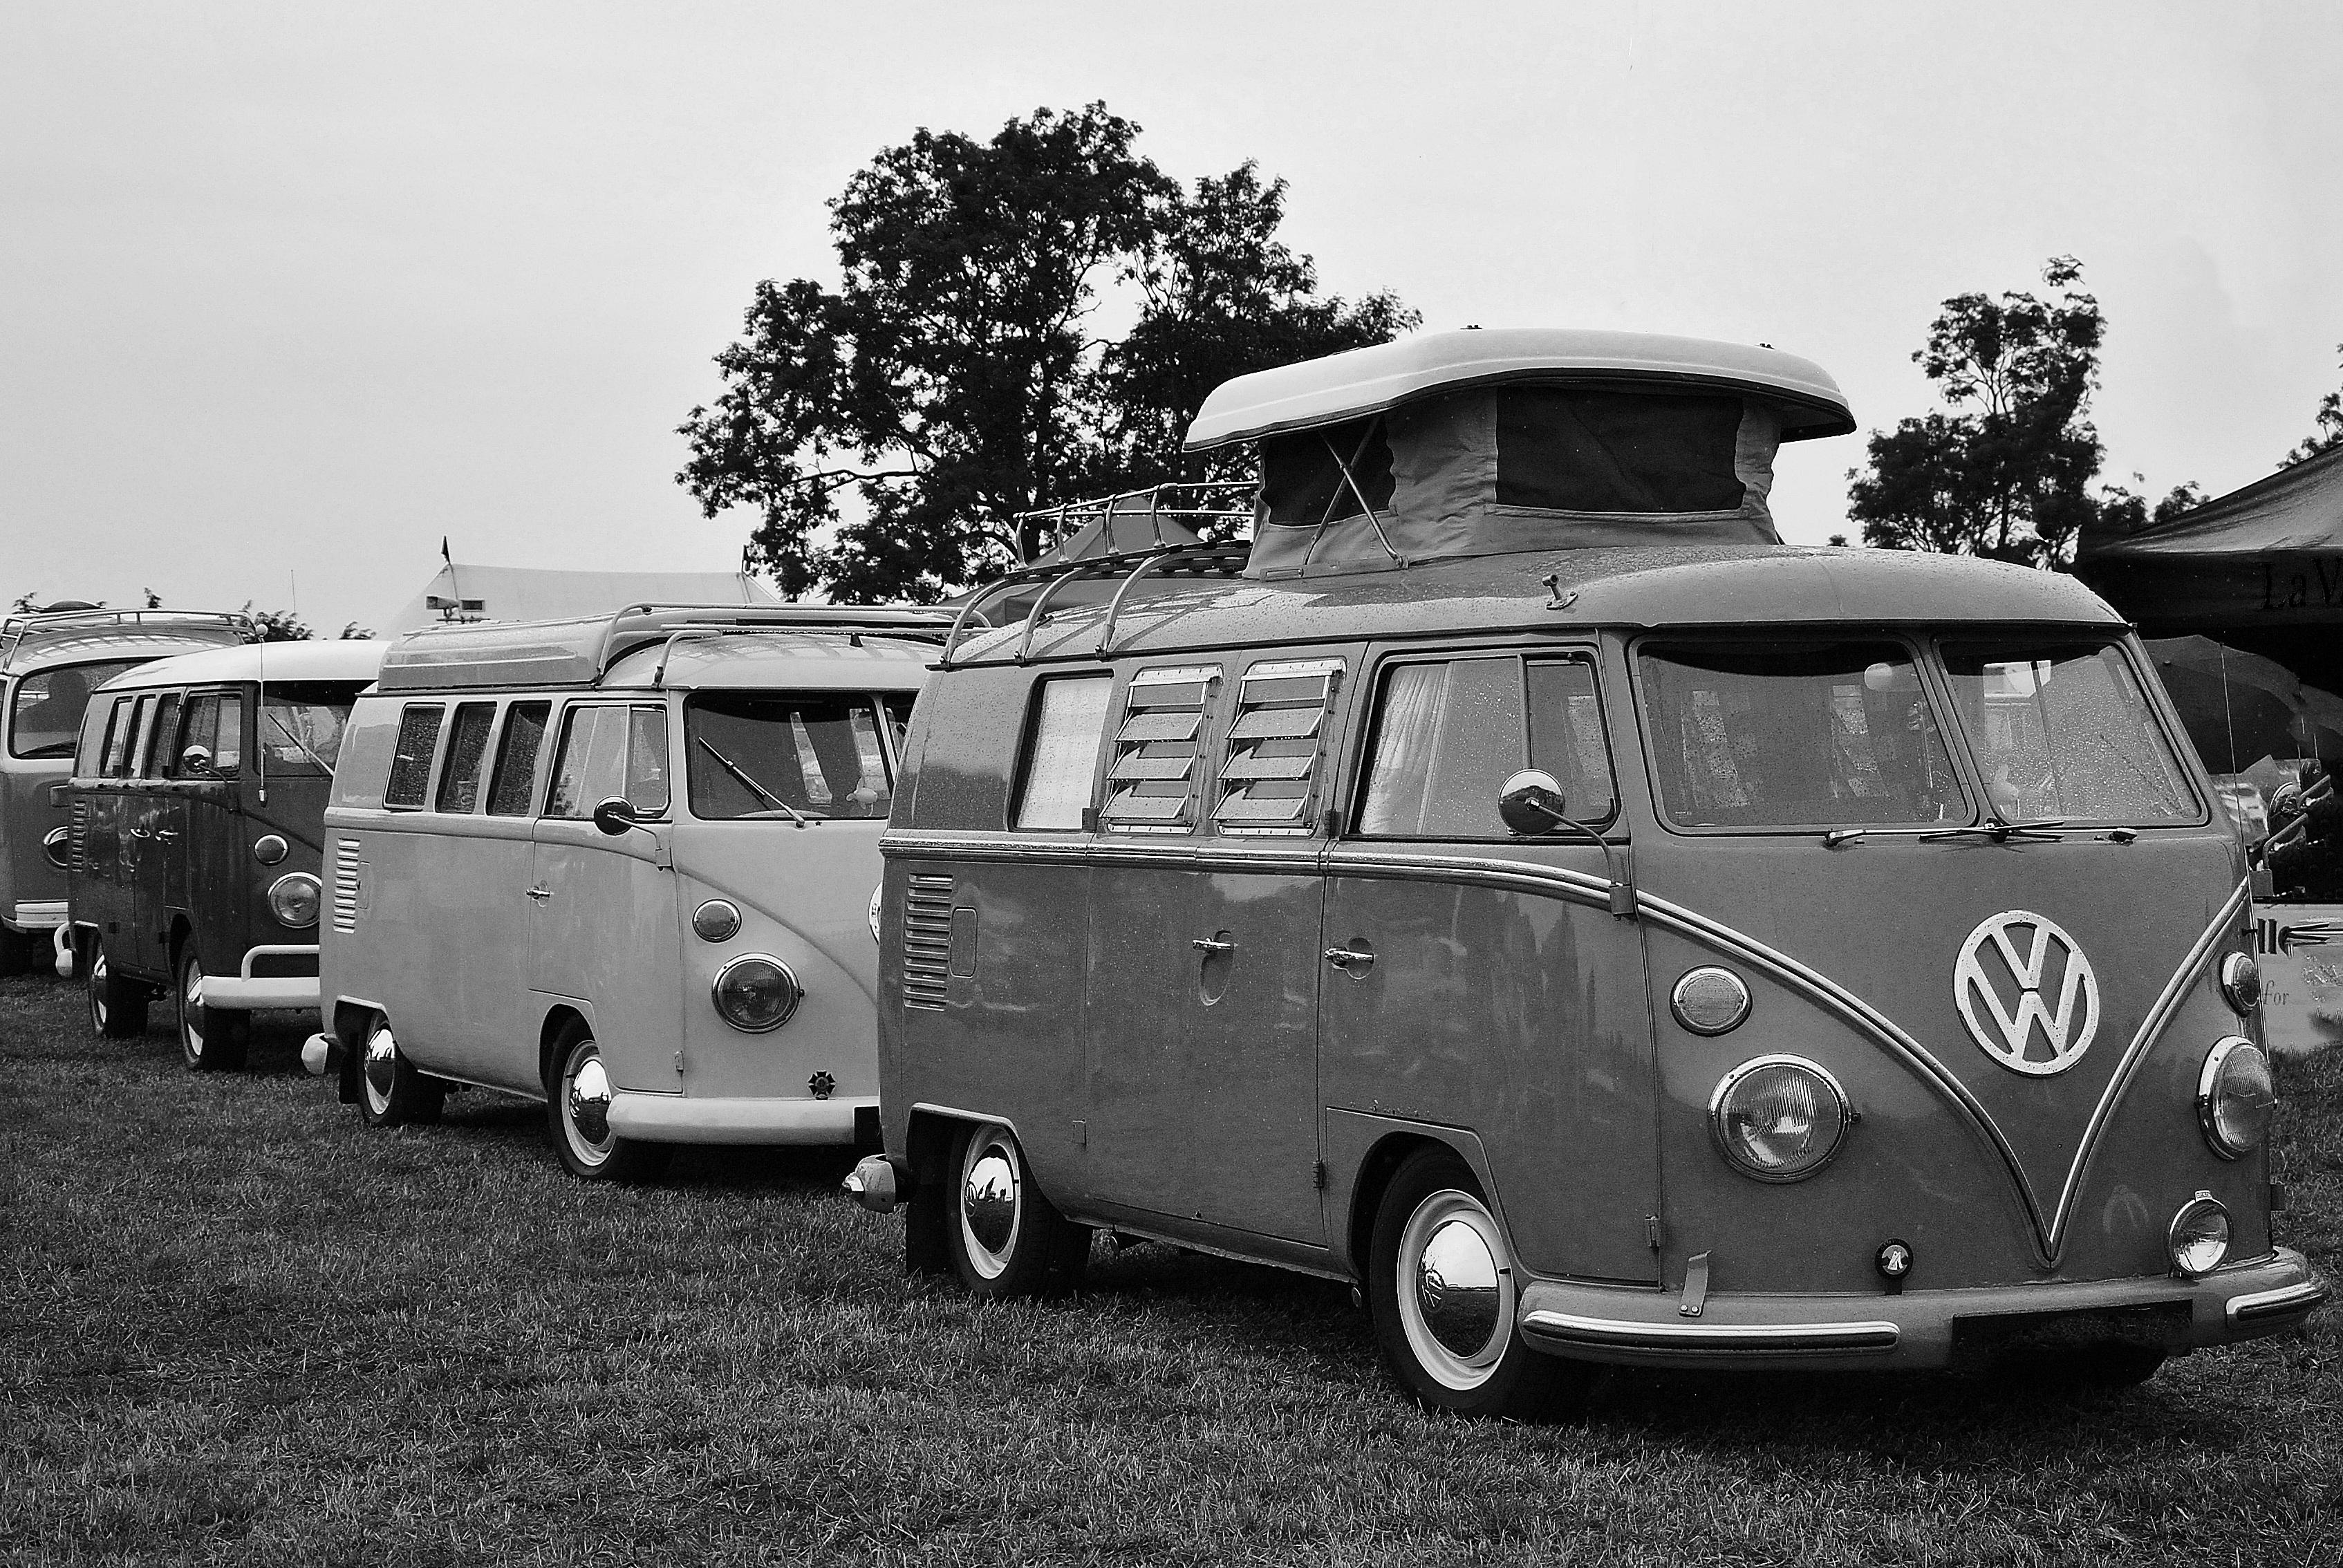 Images Gratuites Noir Et Blanc Cru Wagon Retro Vw Van